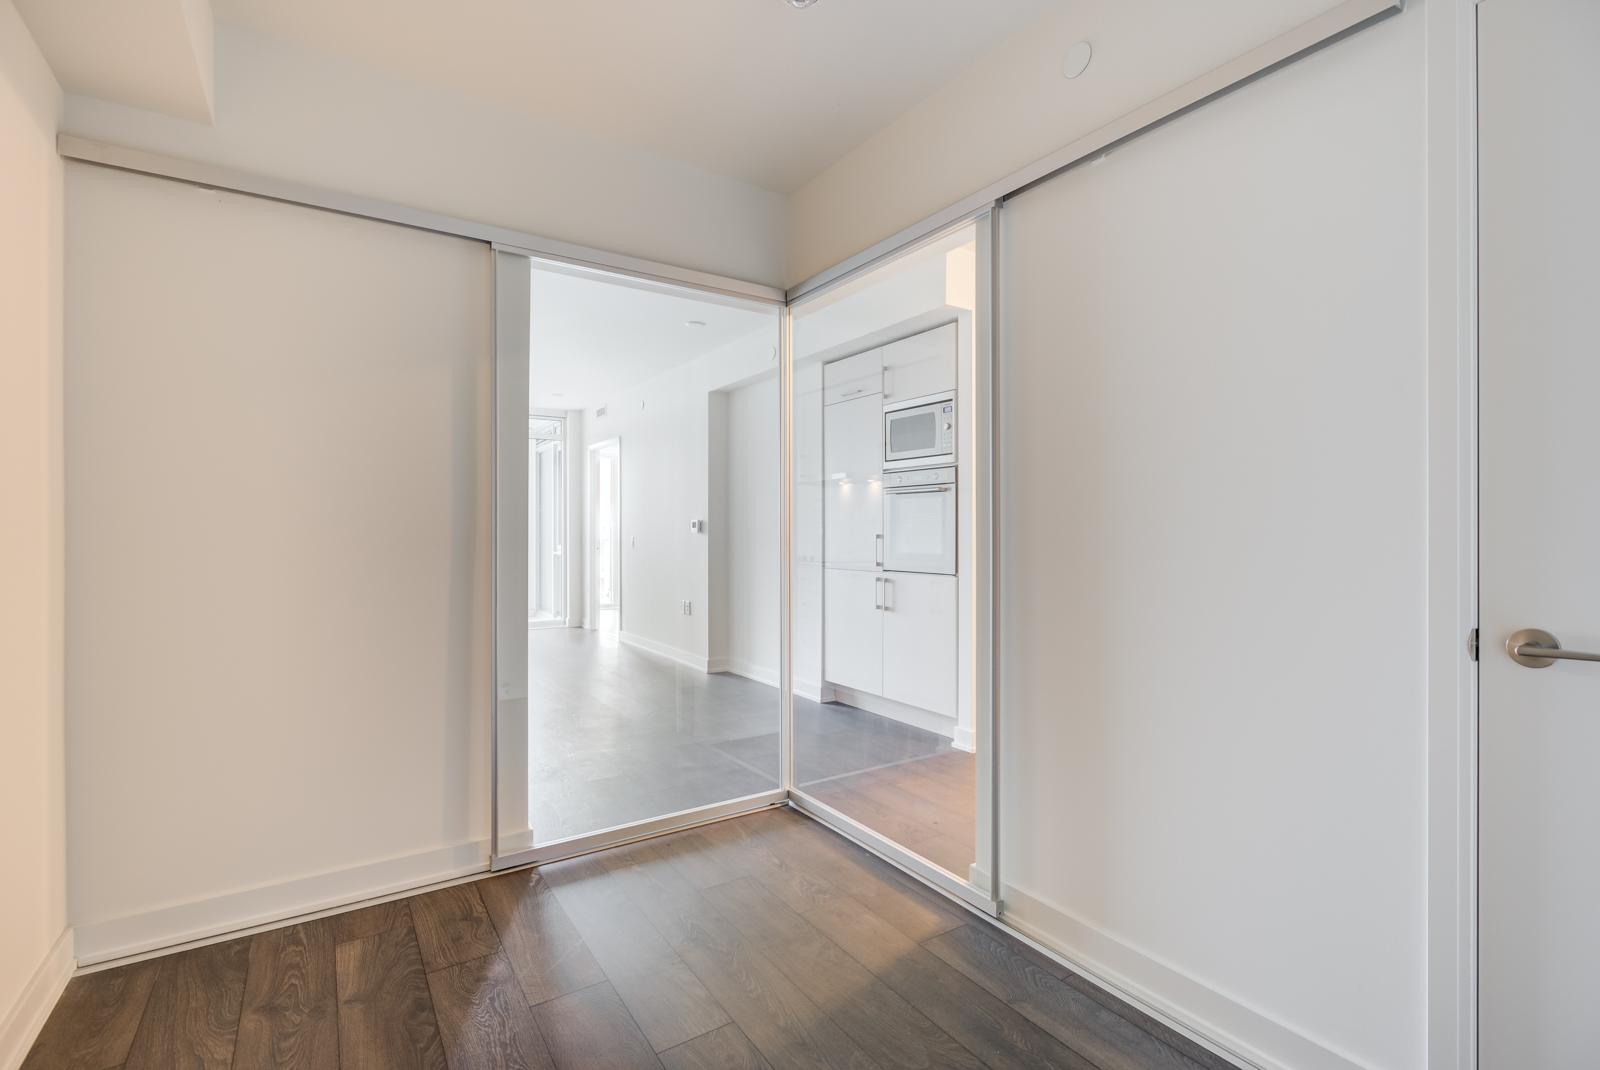 Empty second bedroom with dark laminate floors and mirror doors.